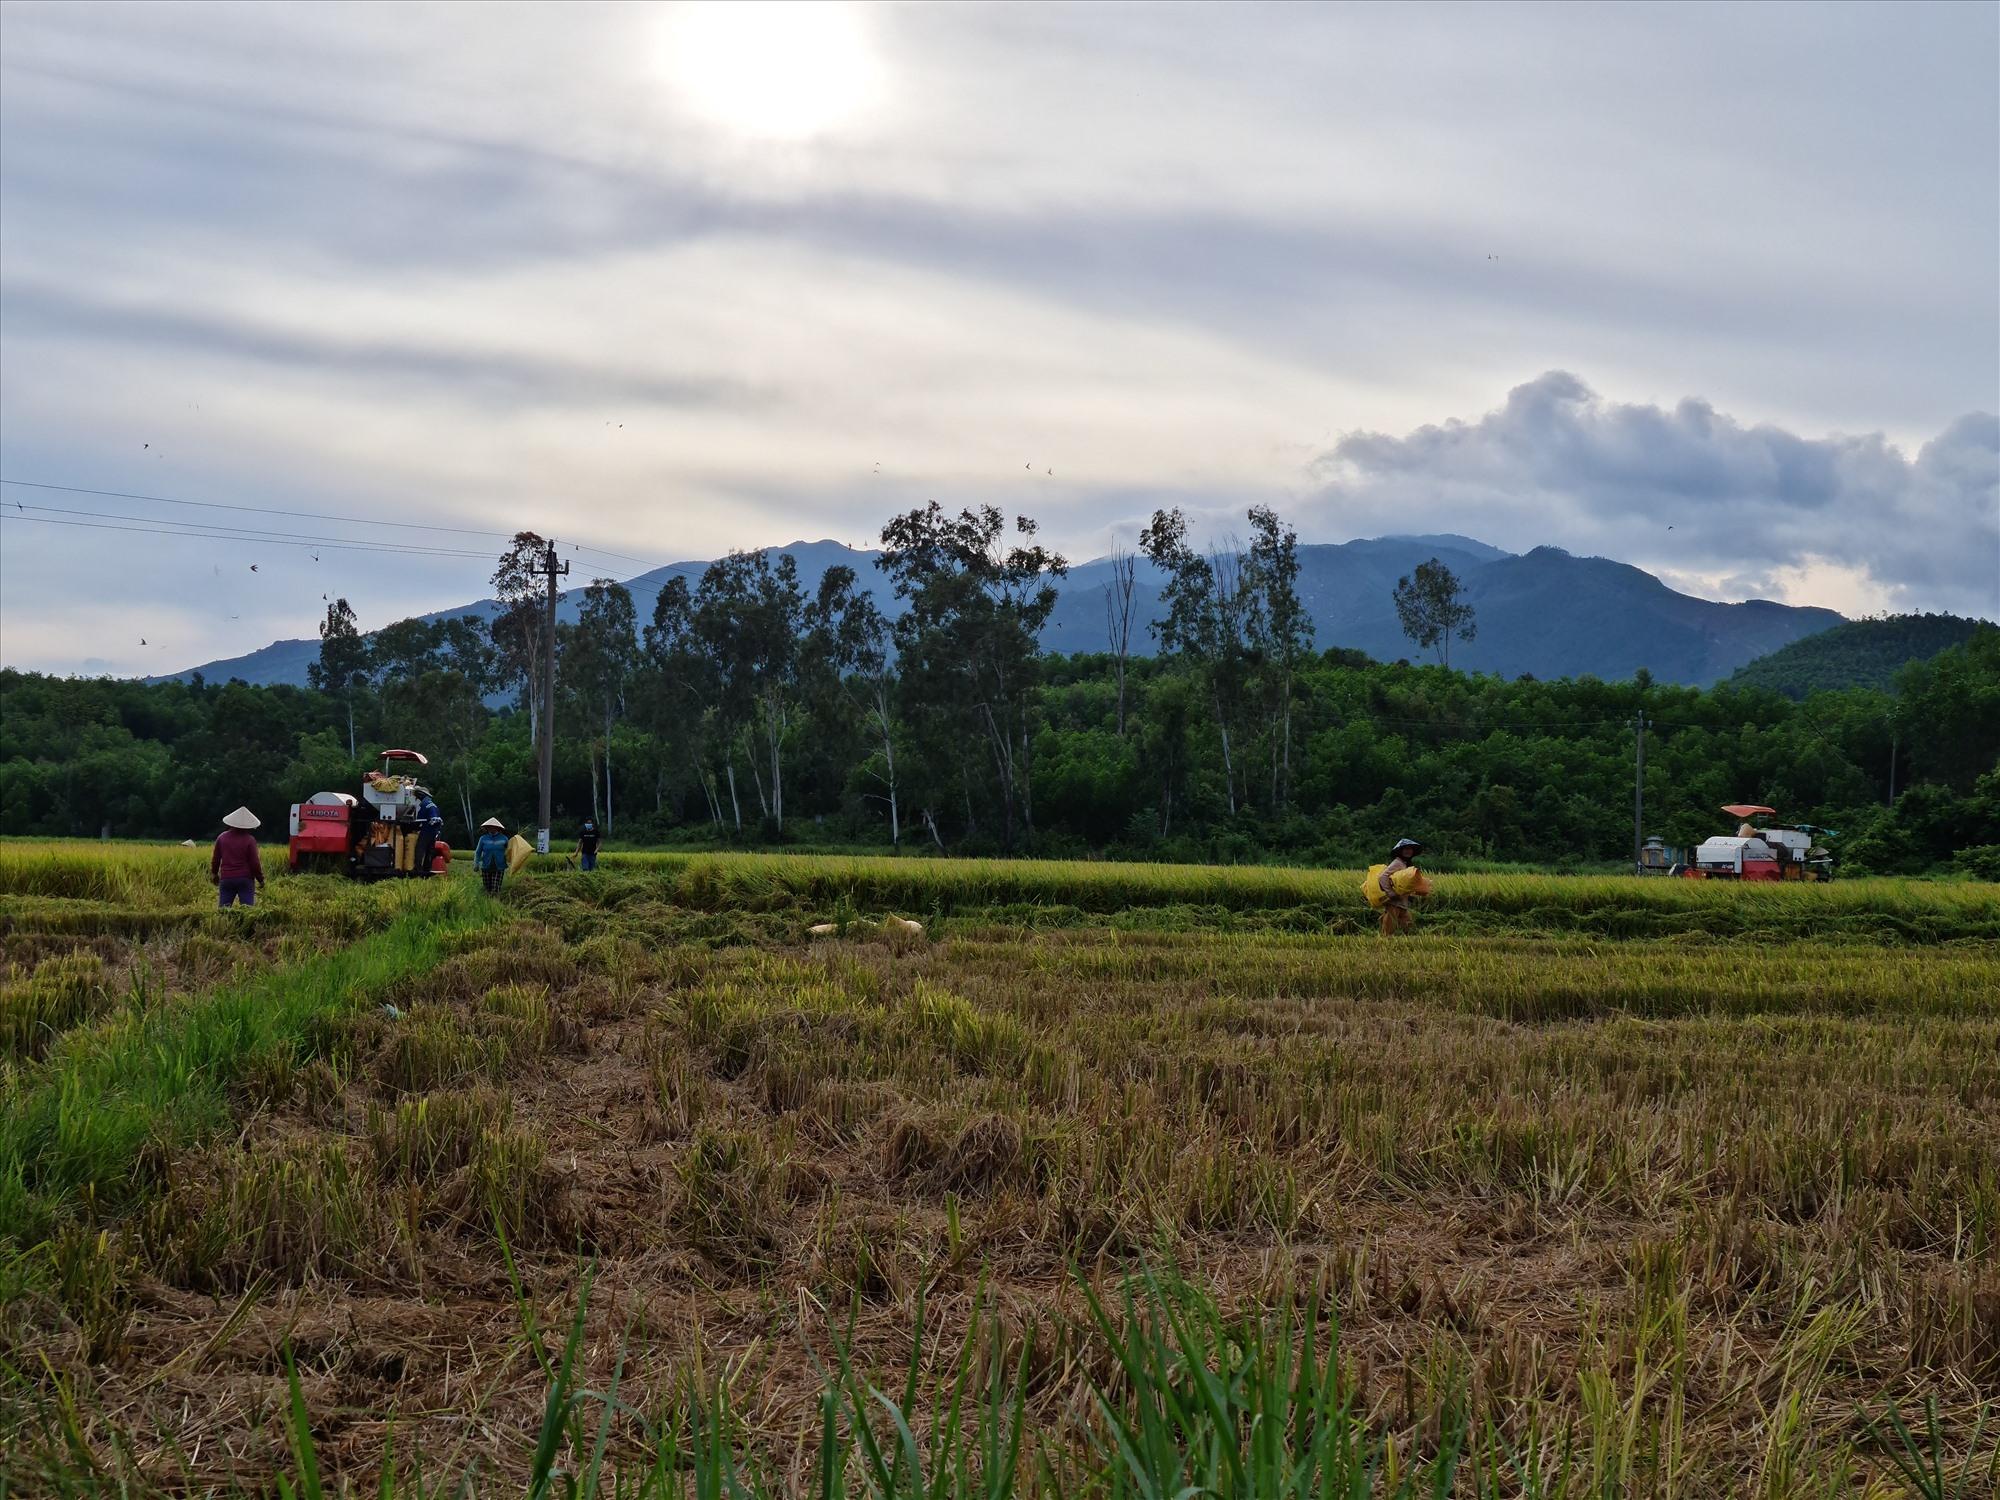 """Nông dân tranh thủ gặt lúa theo phương châm """"Xanh nhà hơn già đồng"""". Ảnh: H.L"""